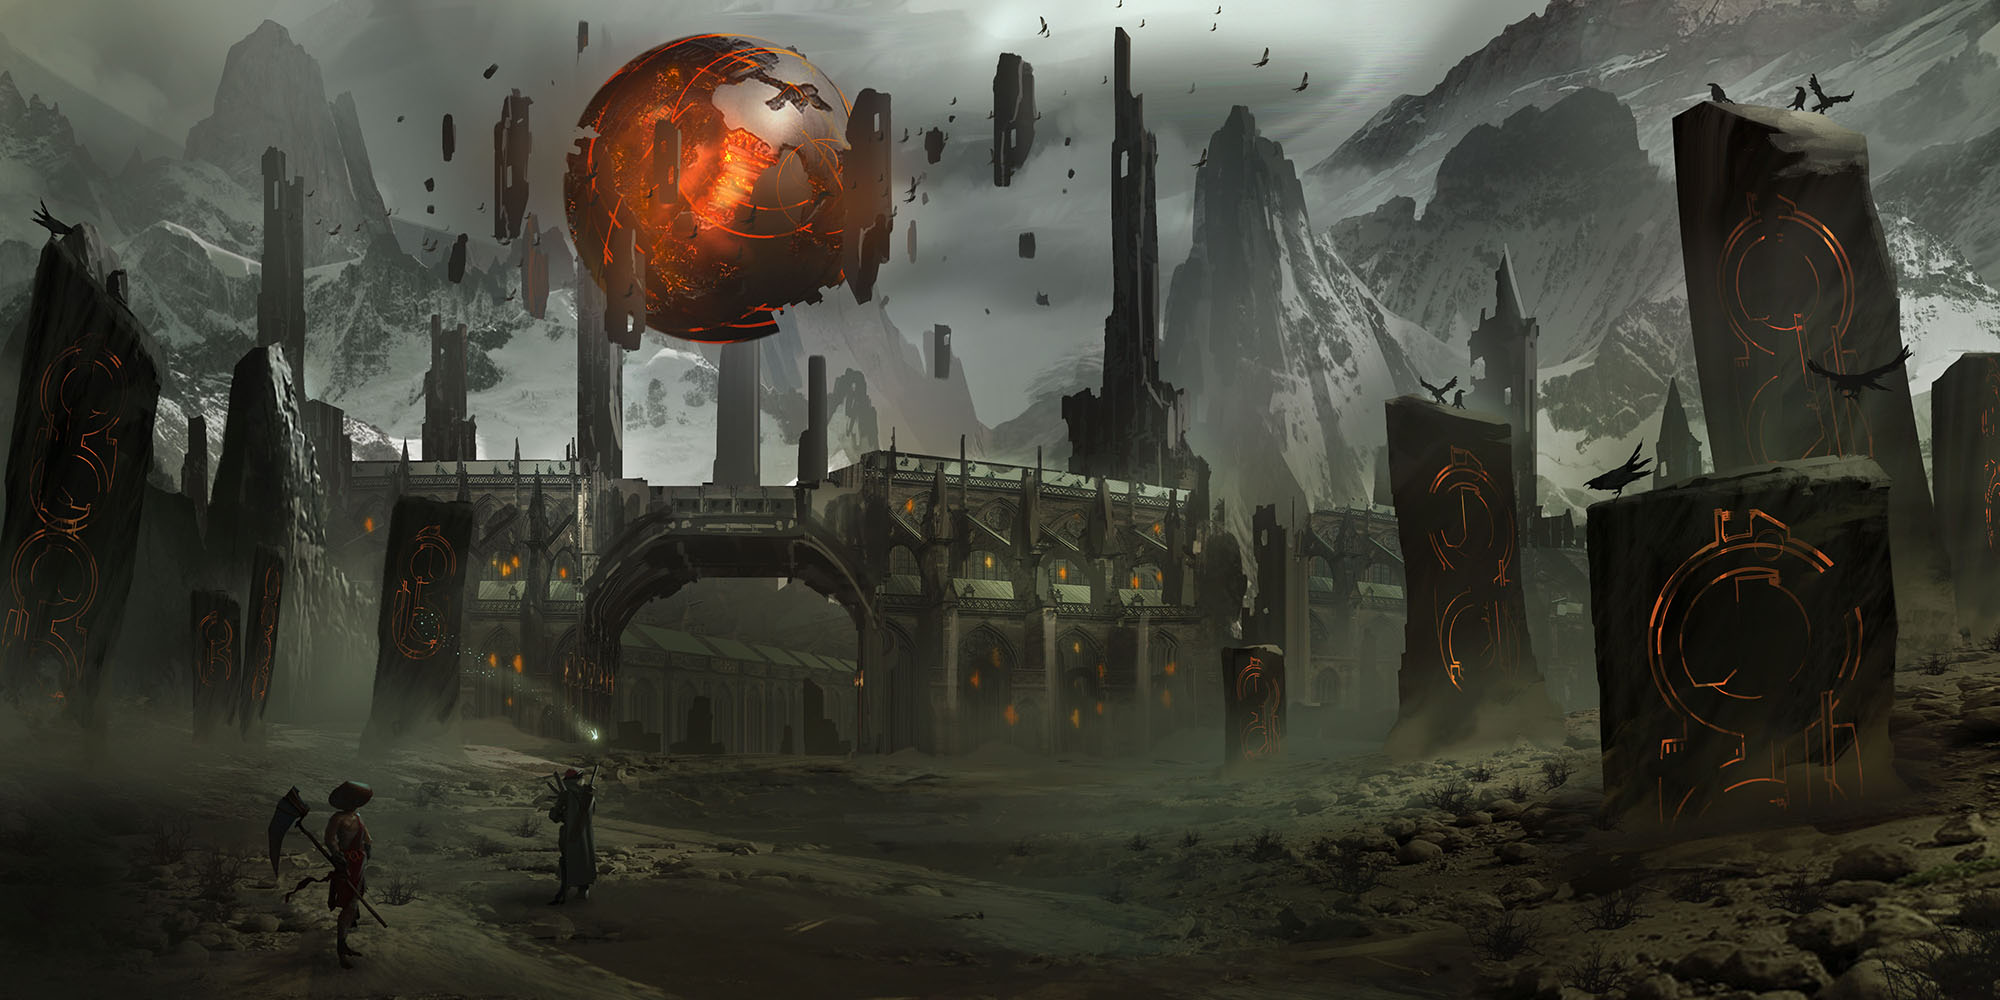 wasteland_stronghold_01